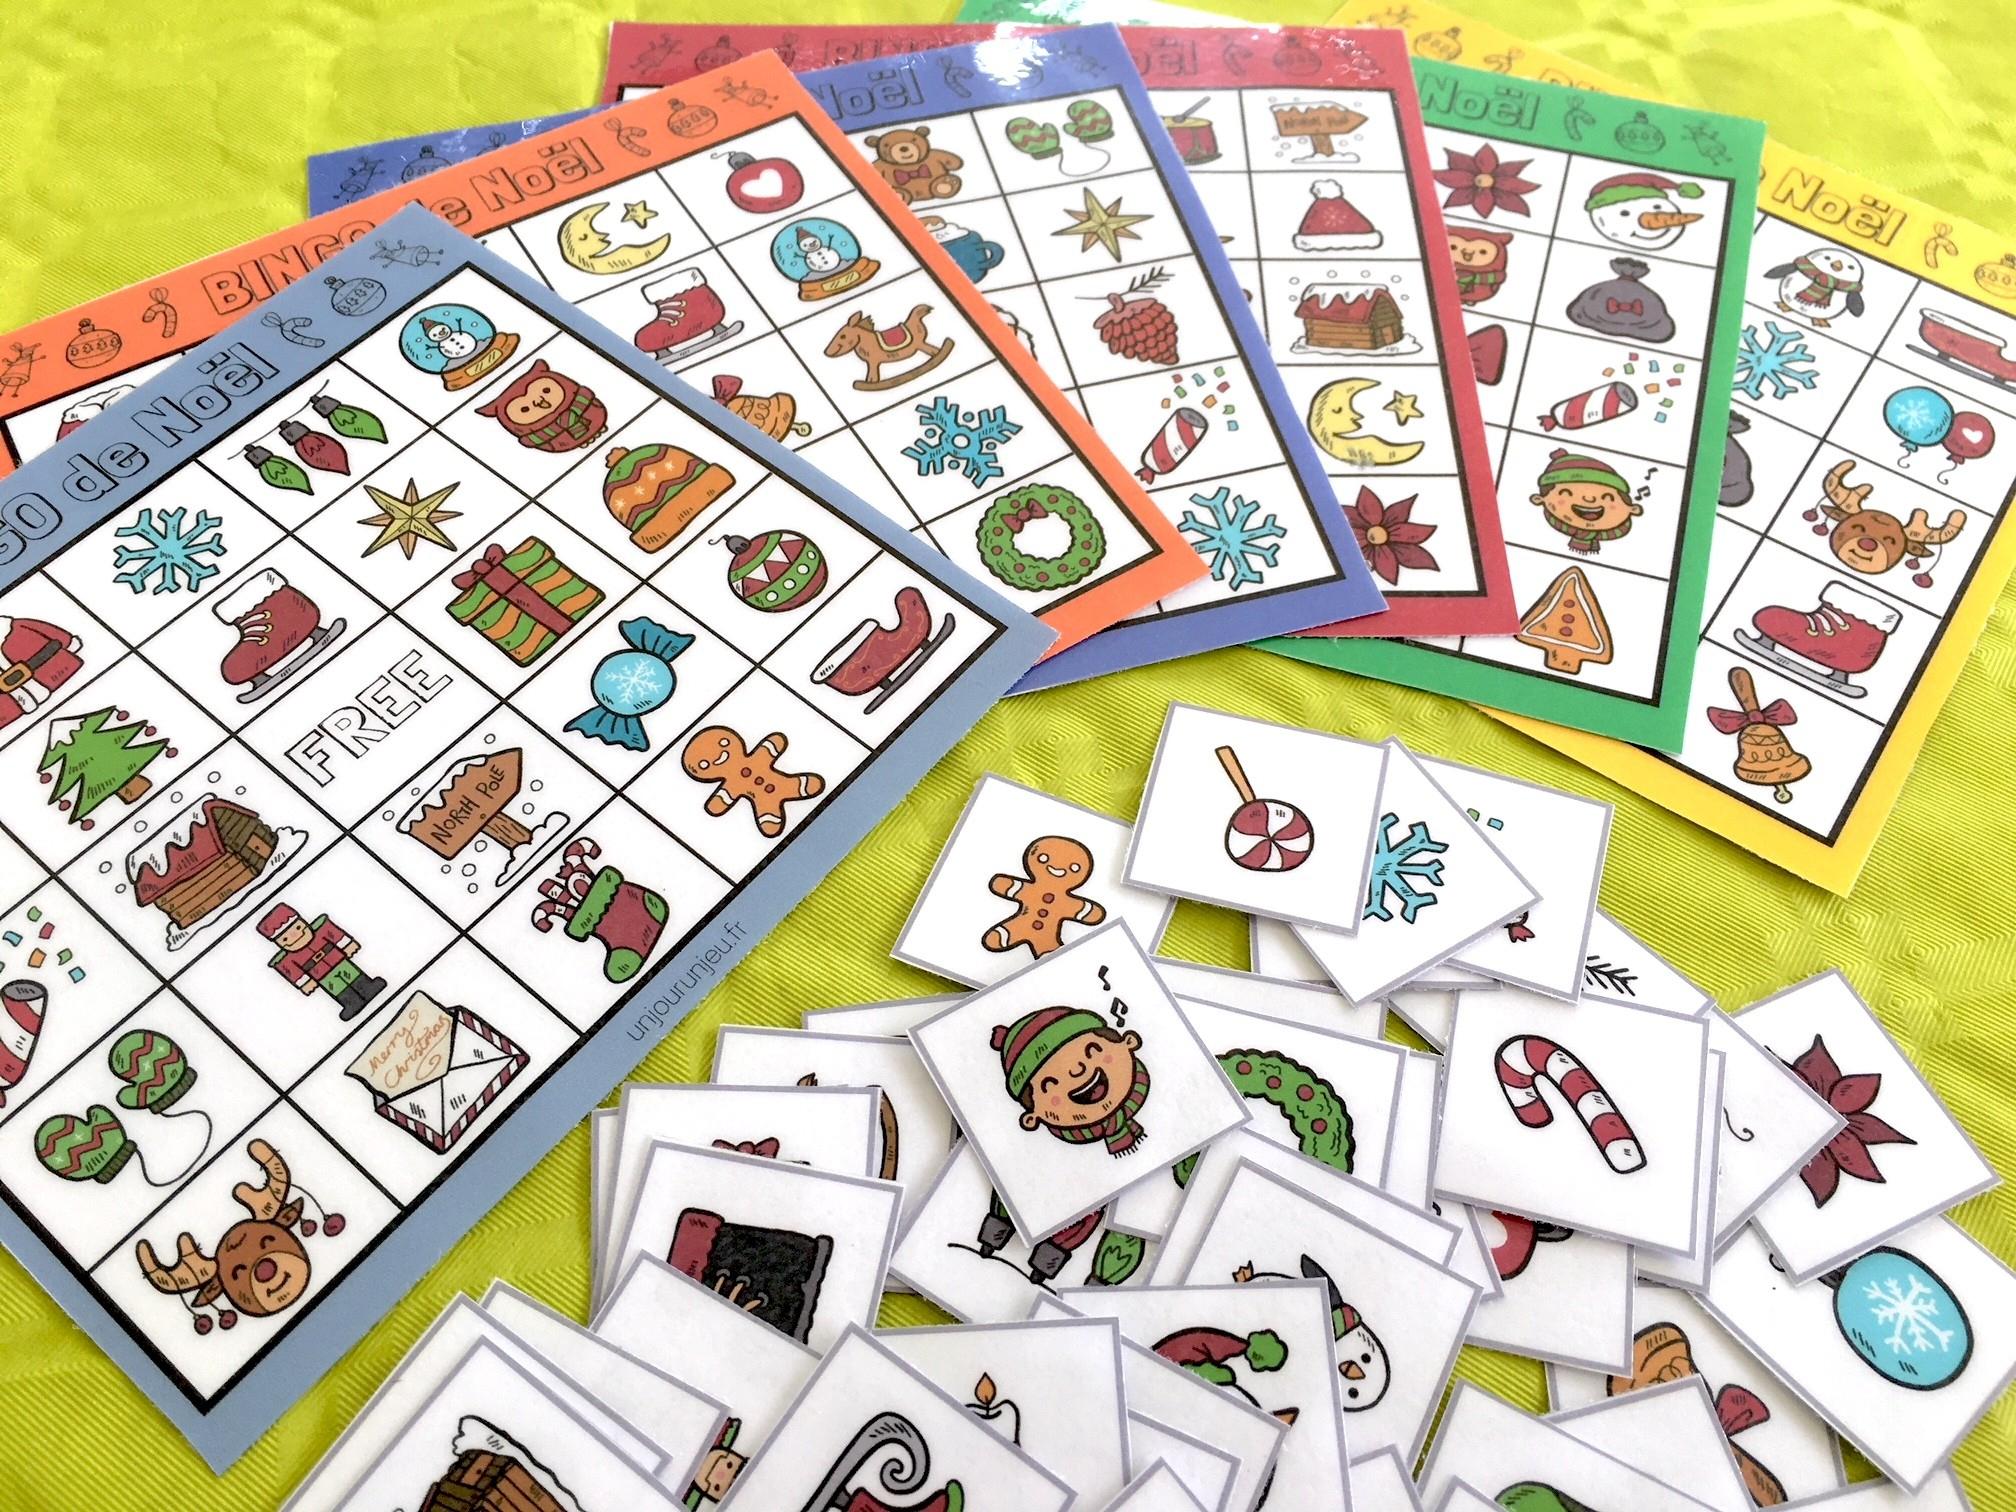 Jeu De Noël : Bingo À Télécharger Gratuitement Pour Vos Enfants à Telecharger Jeux Enfant